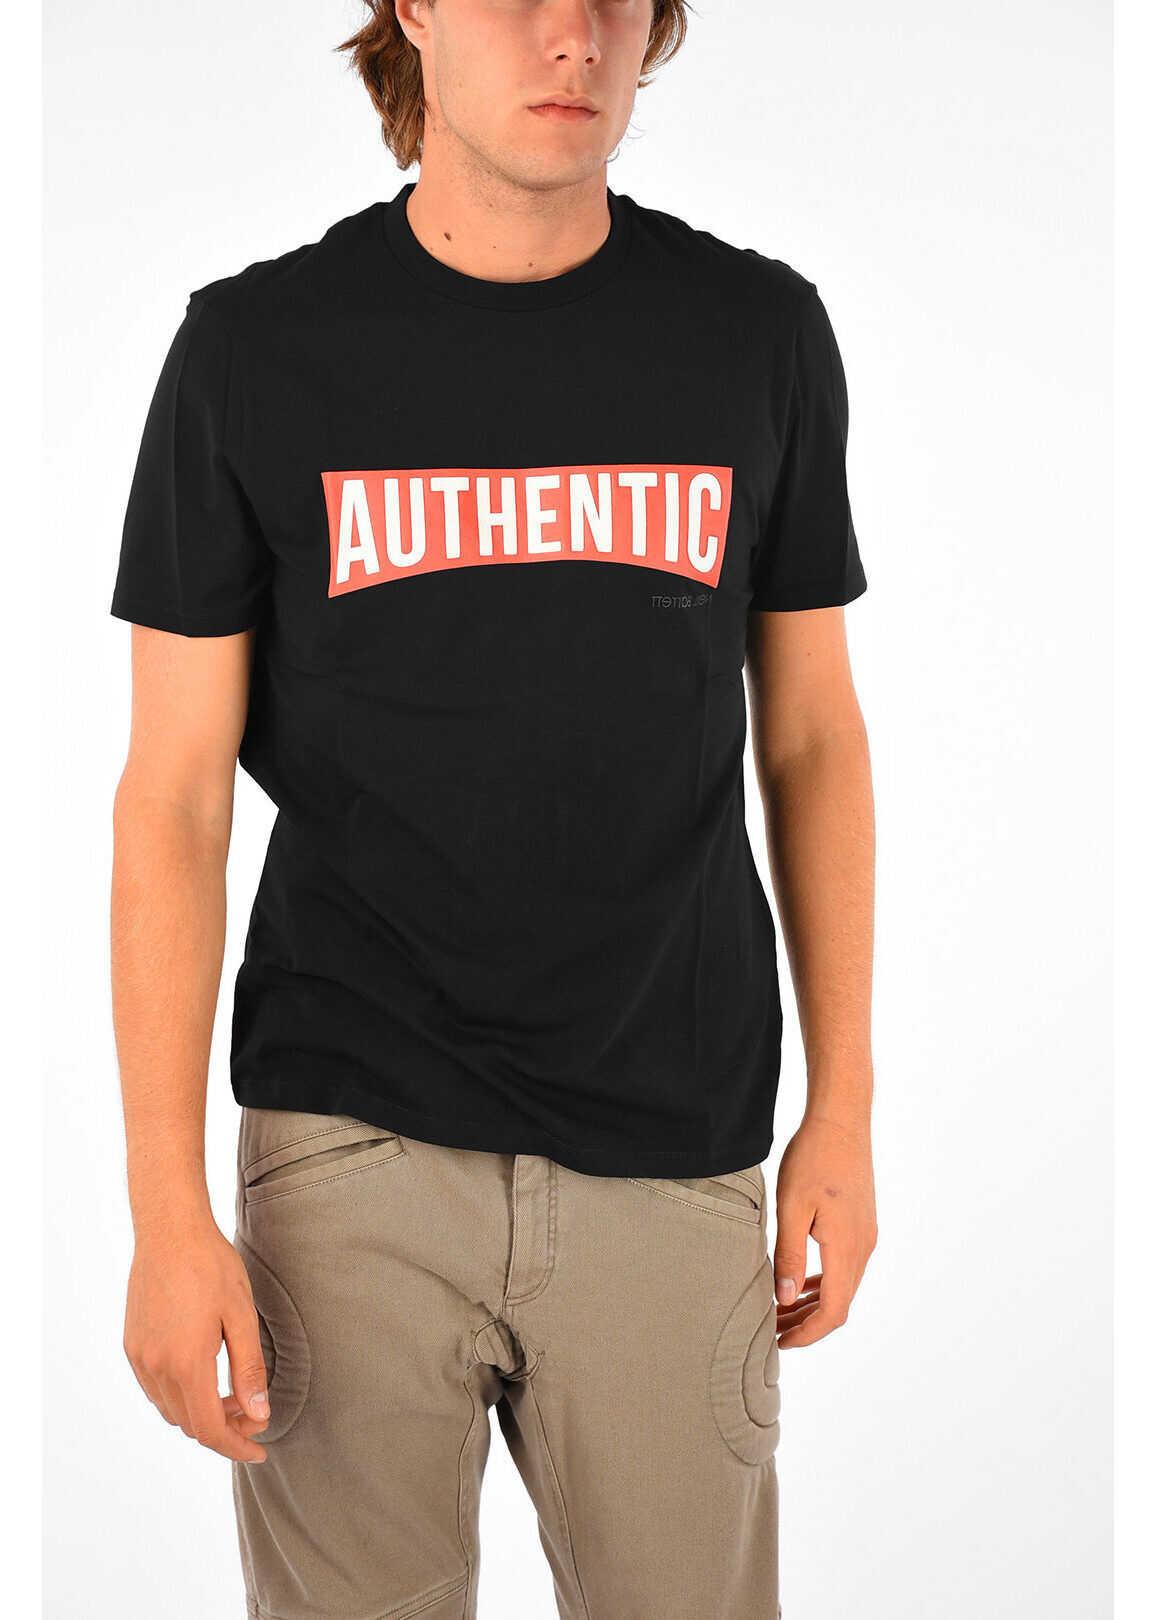 Stretch Cotton AUTHENTIC T-shirt